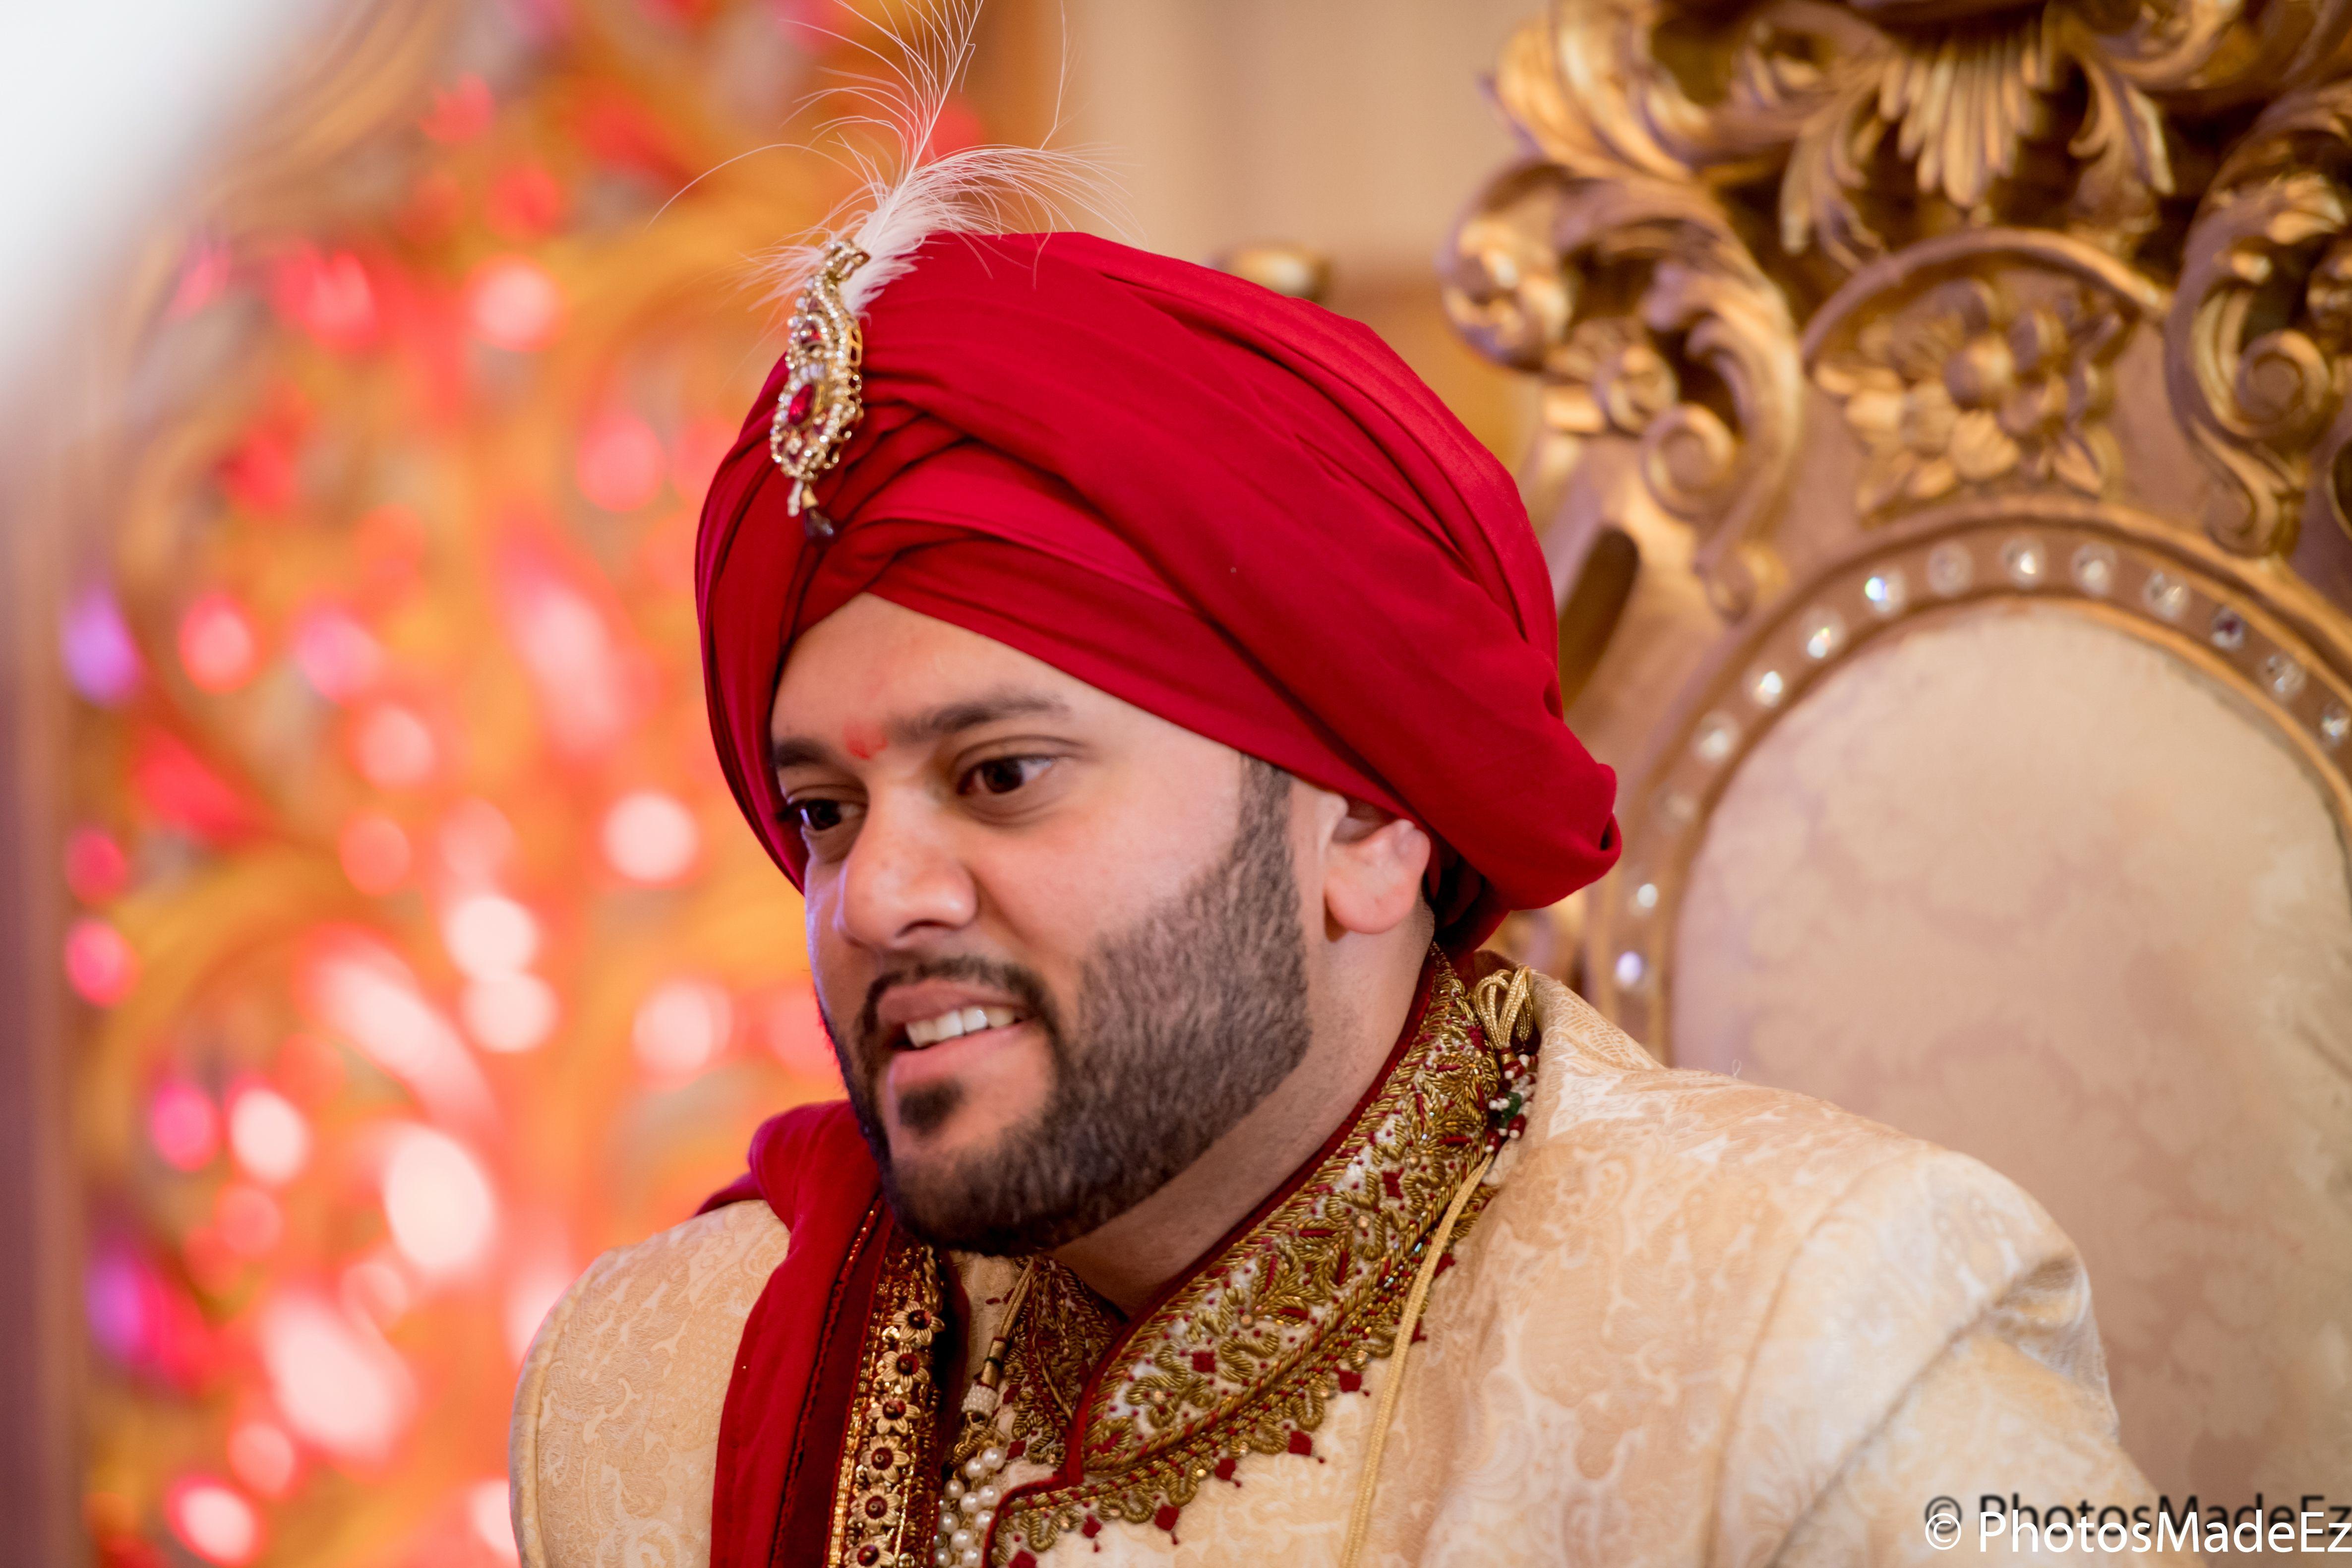 Punjabi Groom At Mahwah Sheraton Indian Wedding Best Photographer Photosmadeez Award Winning